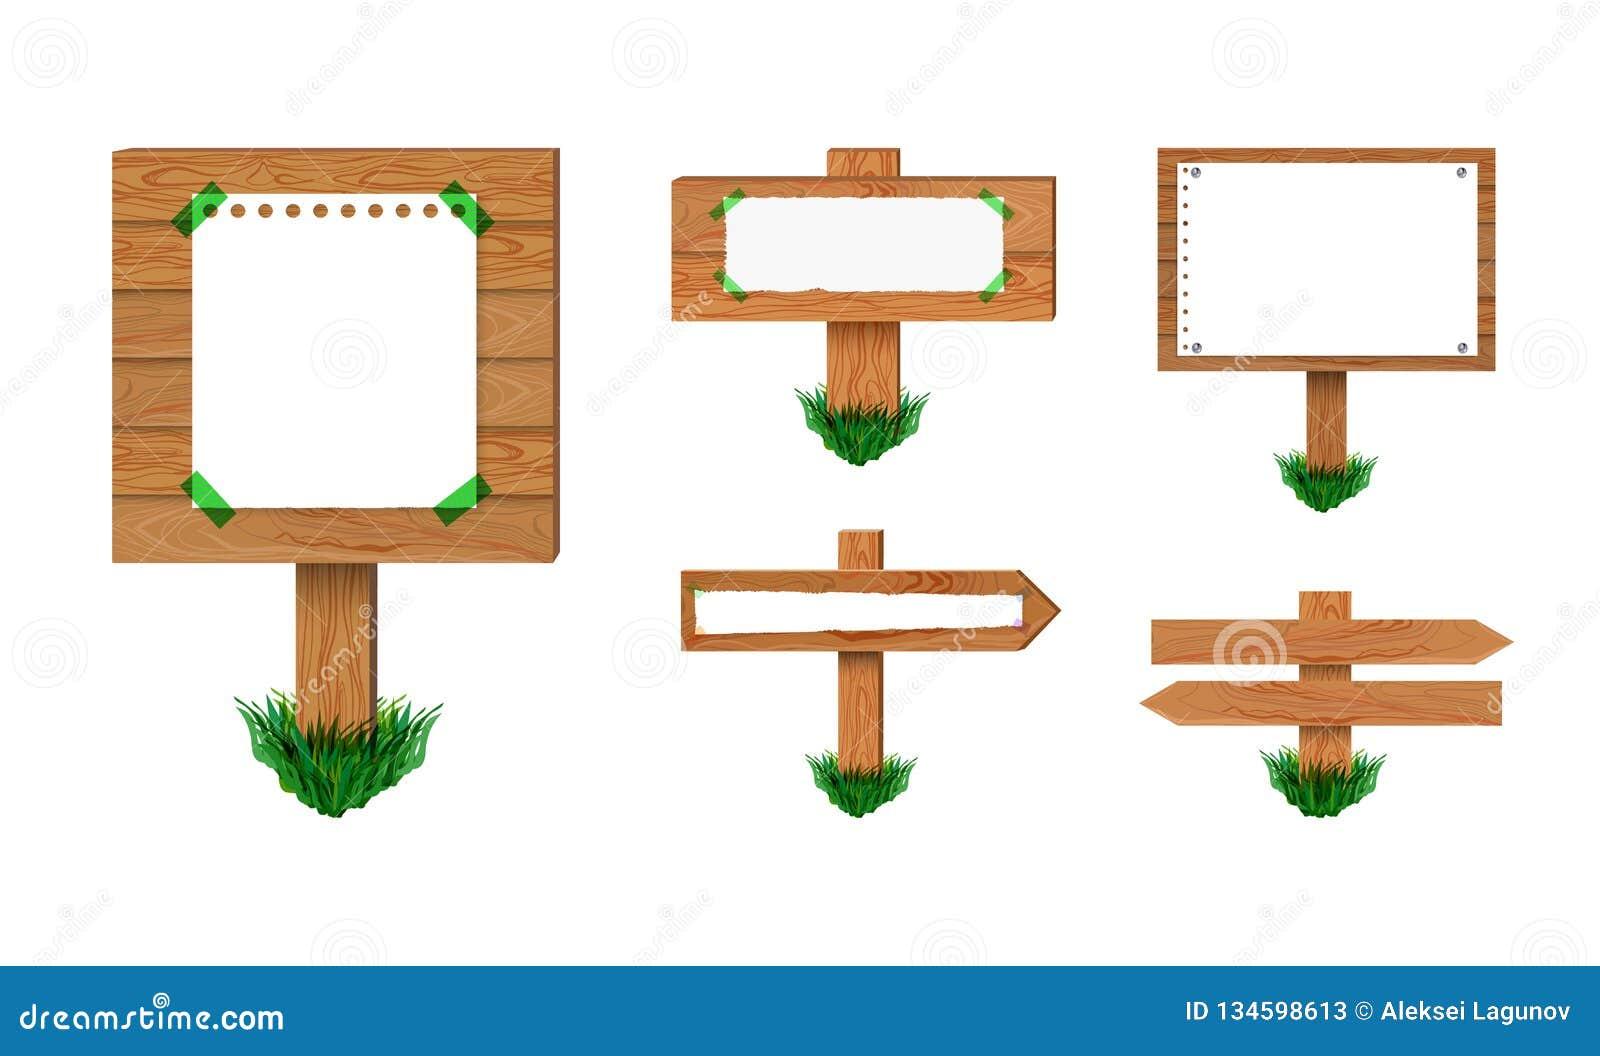 Указатели набор вектора деревянные, изолированный на белом собрании предпосылки ретро знаков